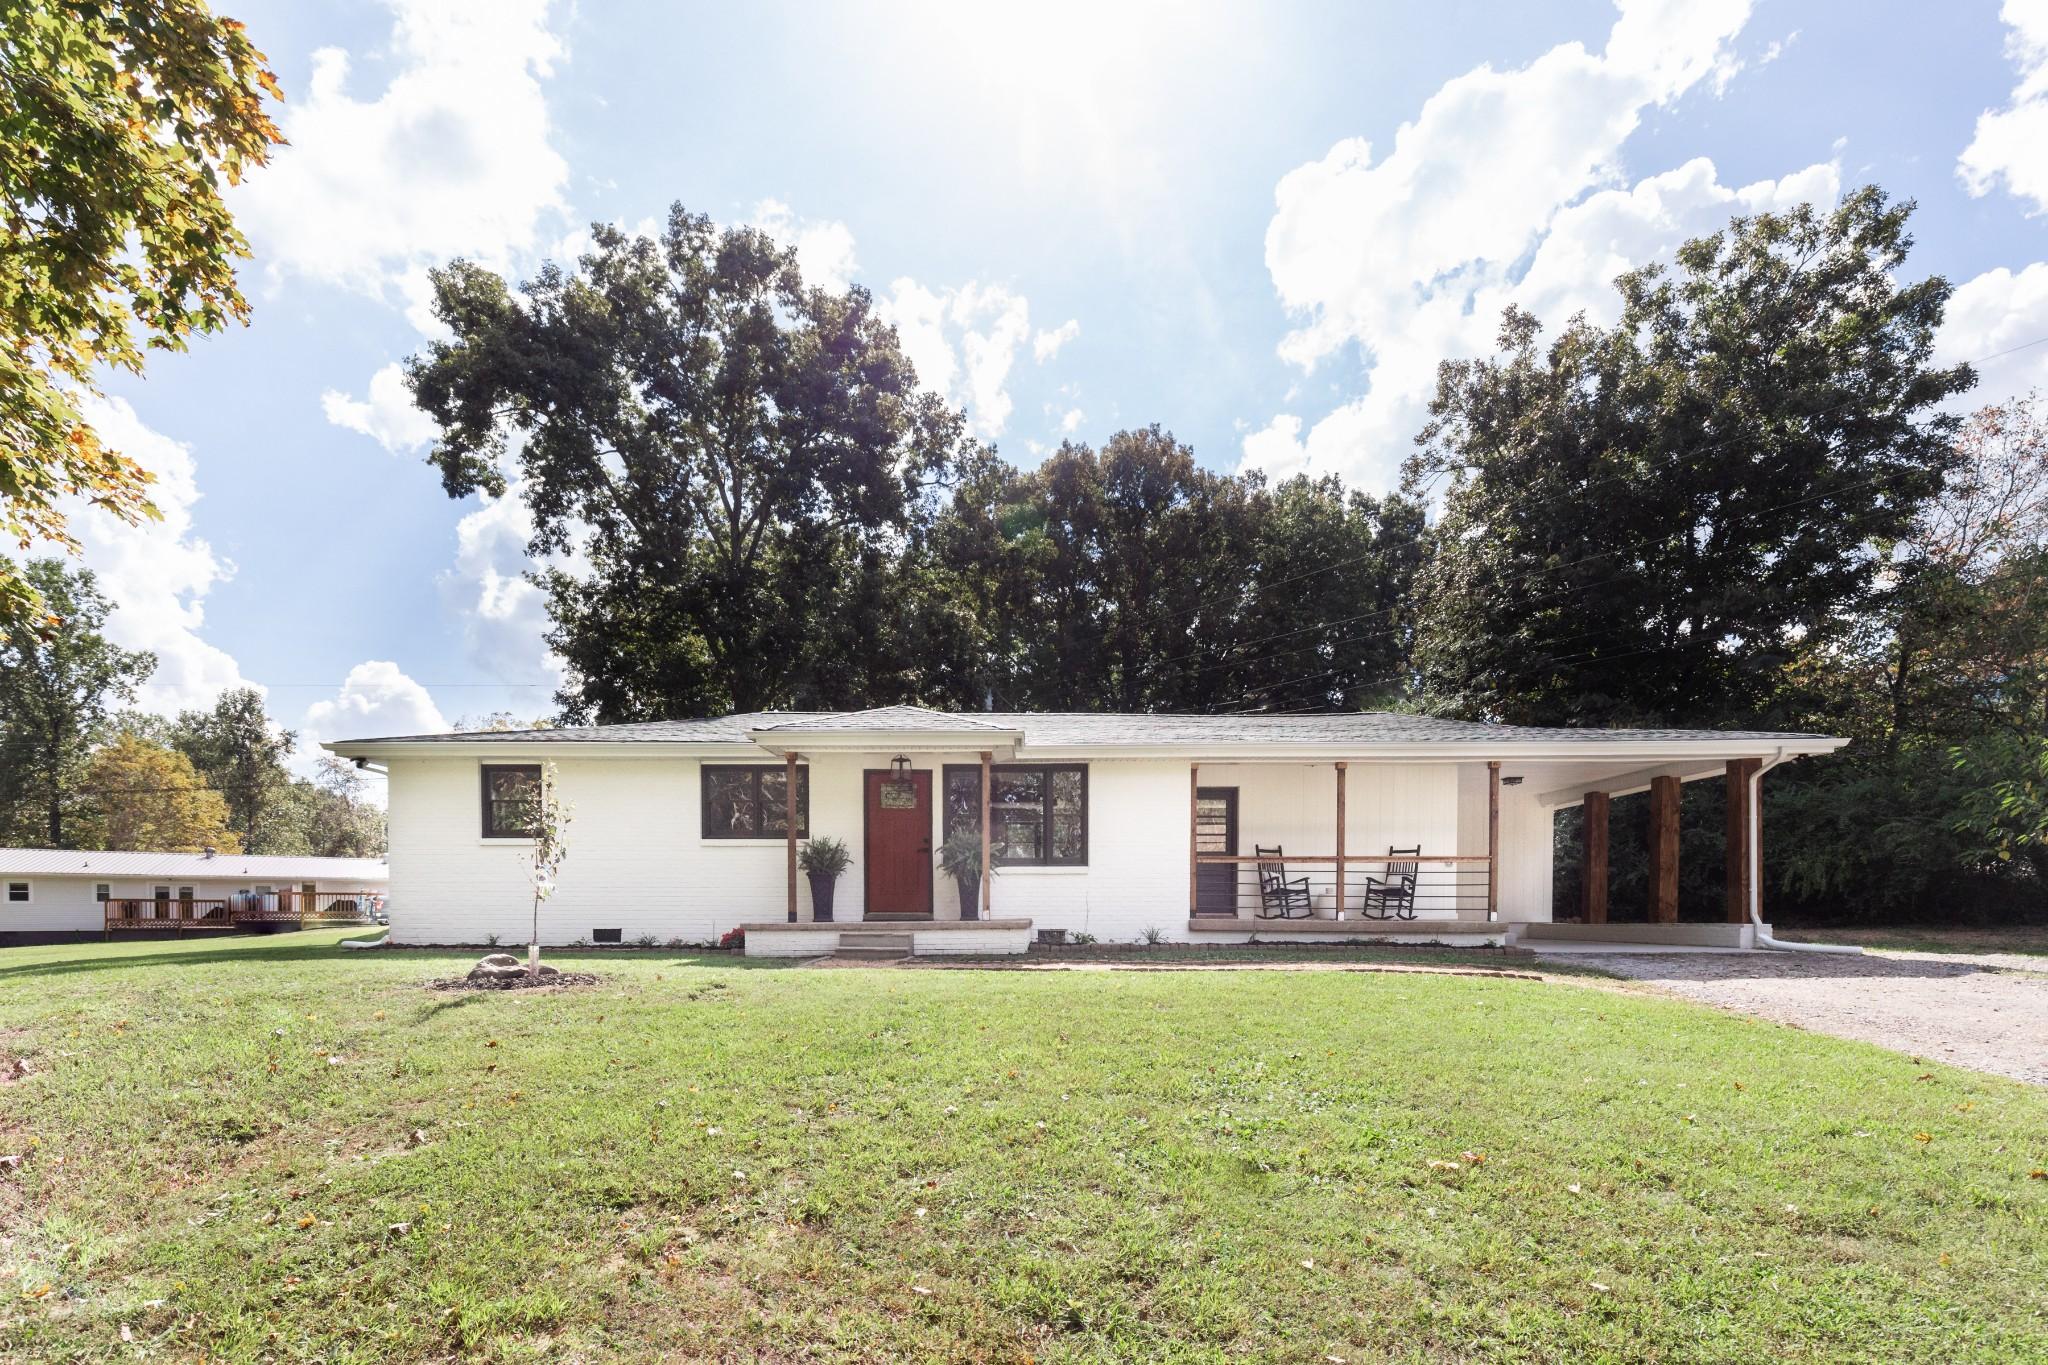 517 Arlington St, Erin, TN 37061